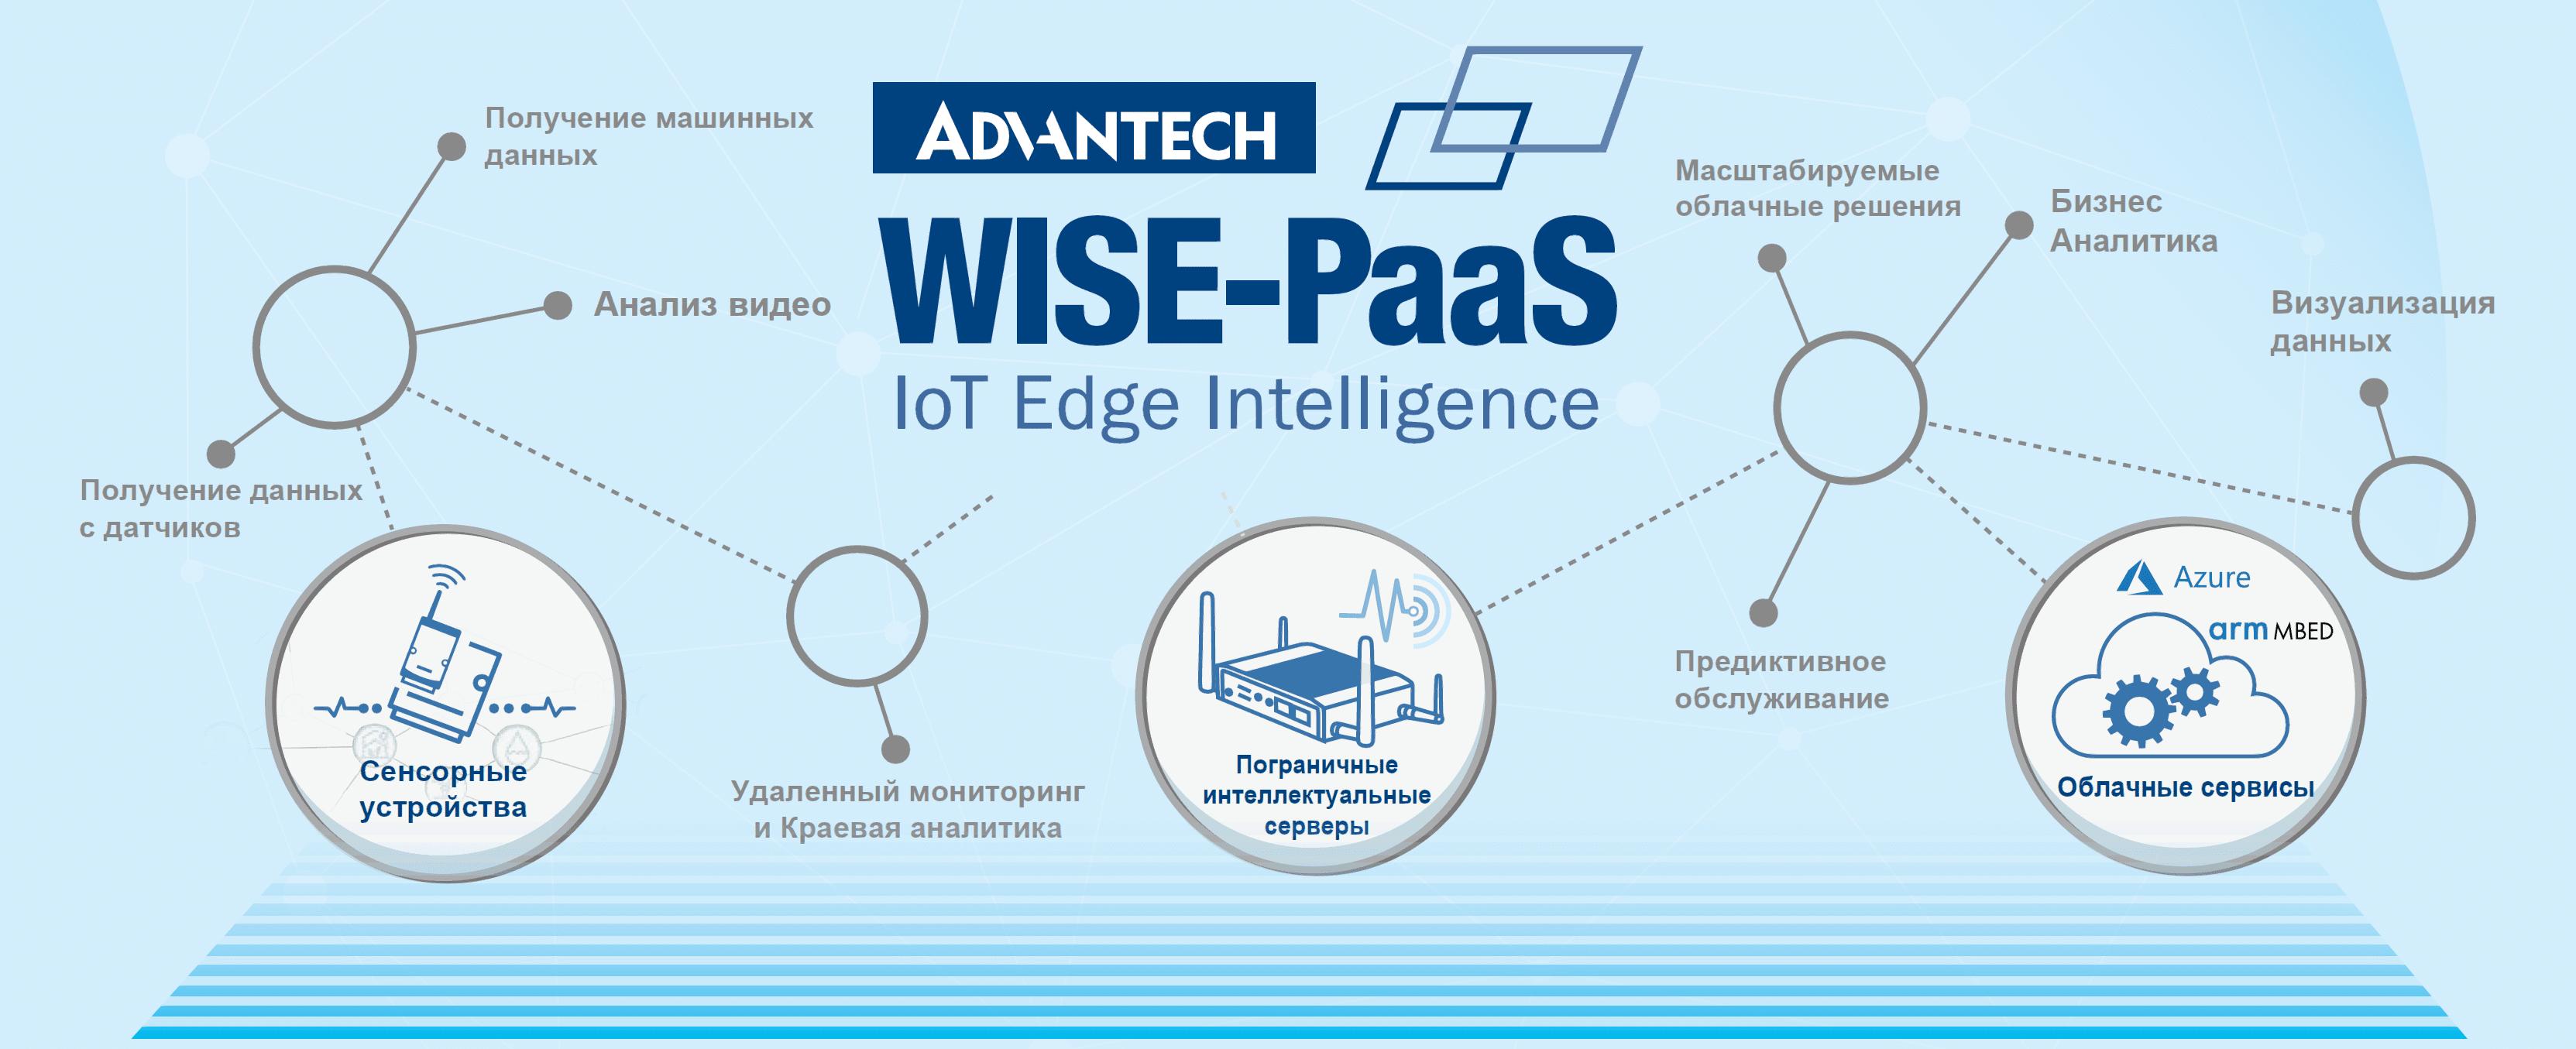 WISE-PaaS — облачная платформа для промышленного интернета вещей